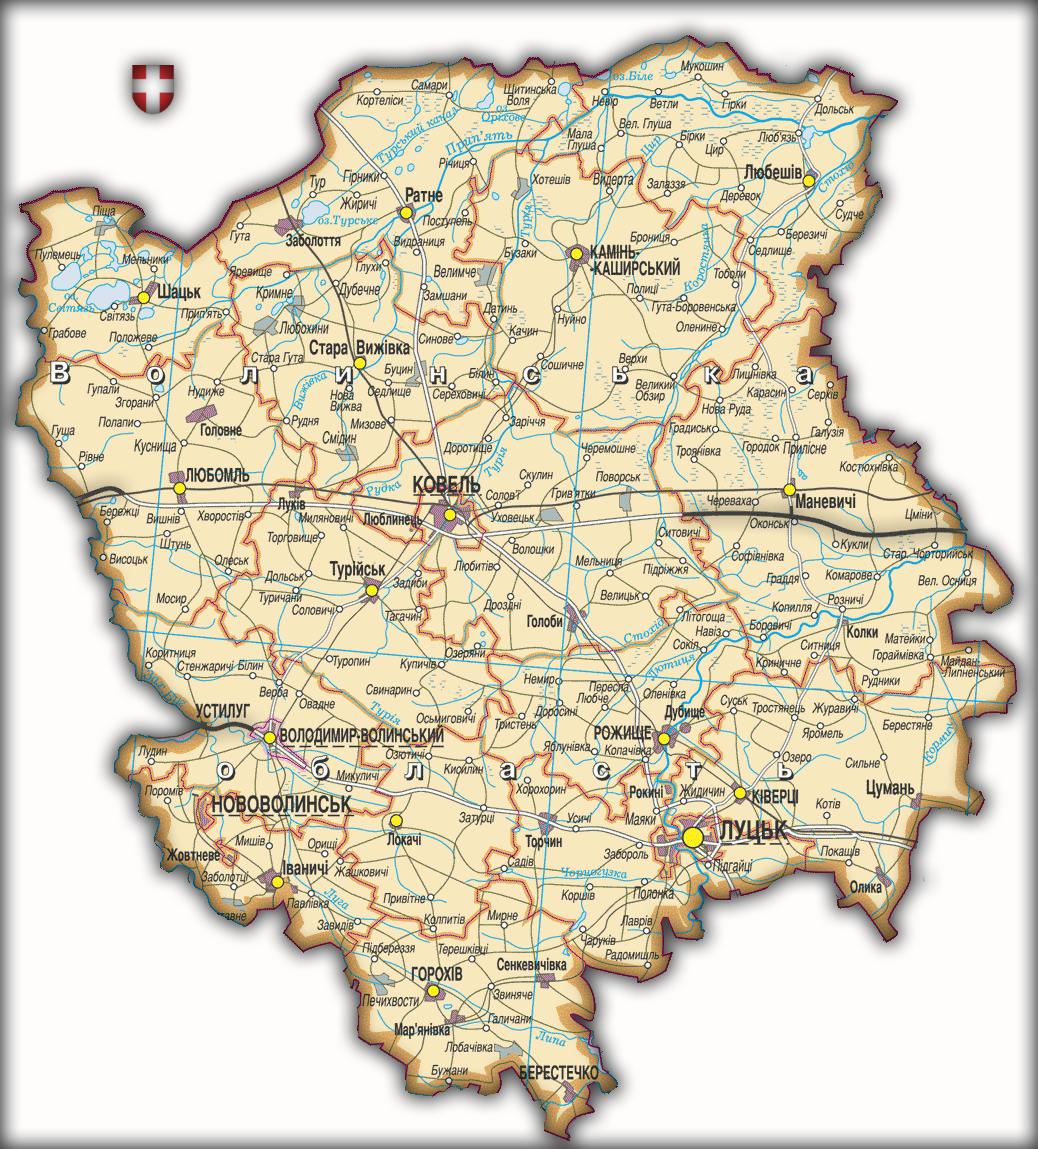 Топографическая карта Волынской области